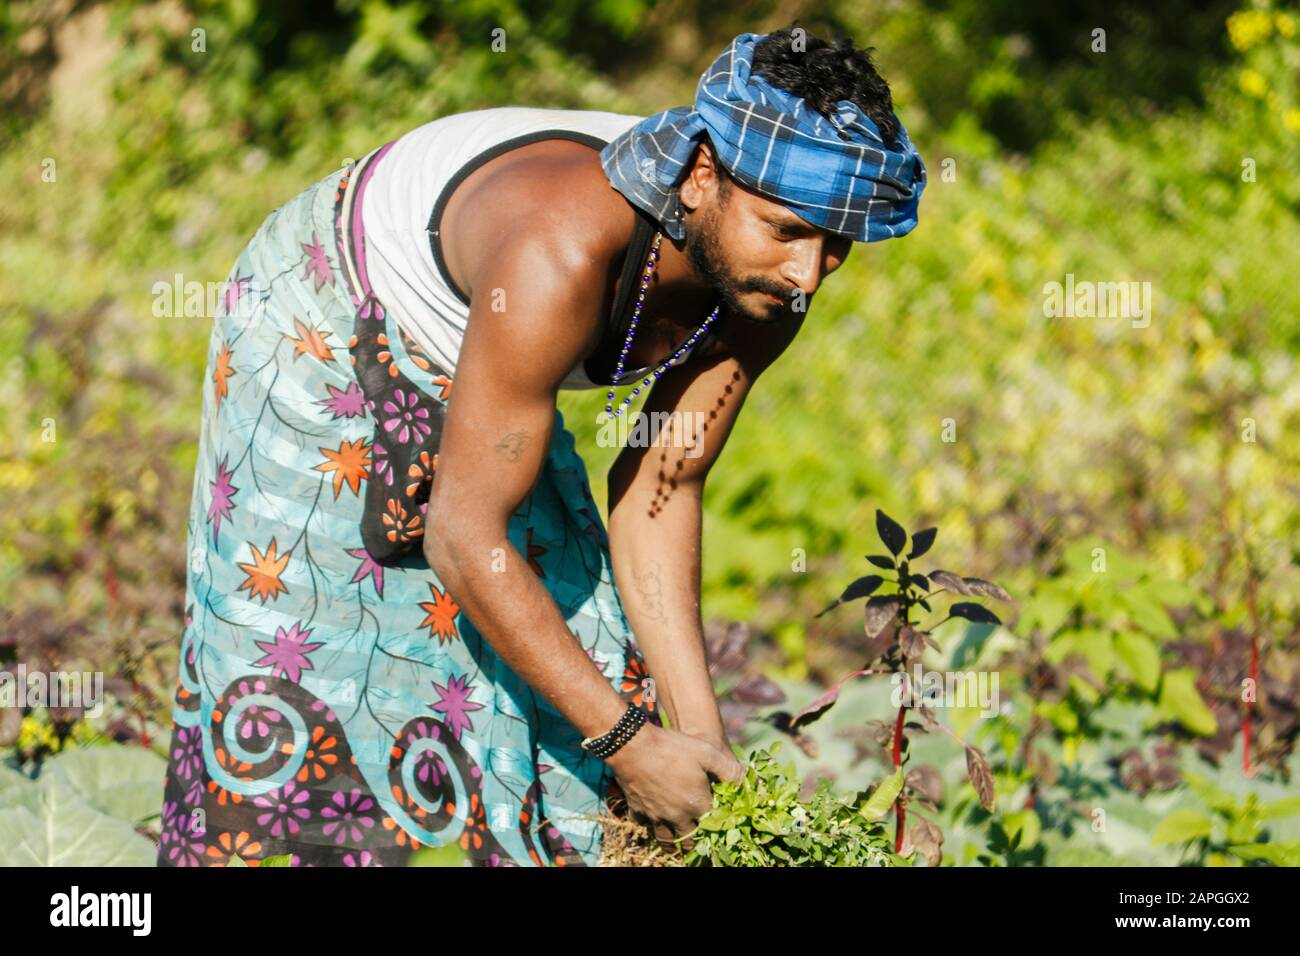 Indian farmer caring for the growing potato.Farmer extirpate grass in potato garden. Stock Photo